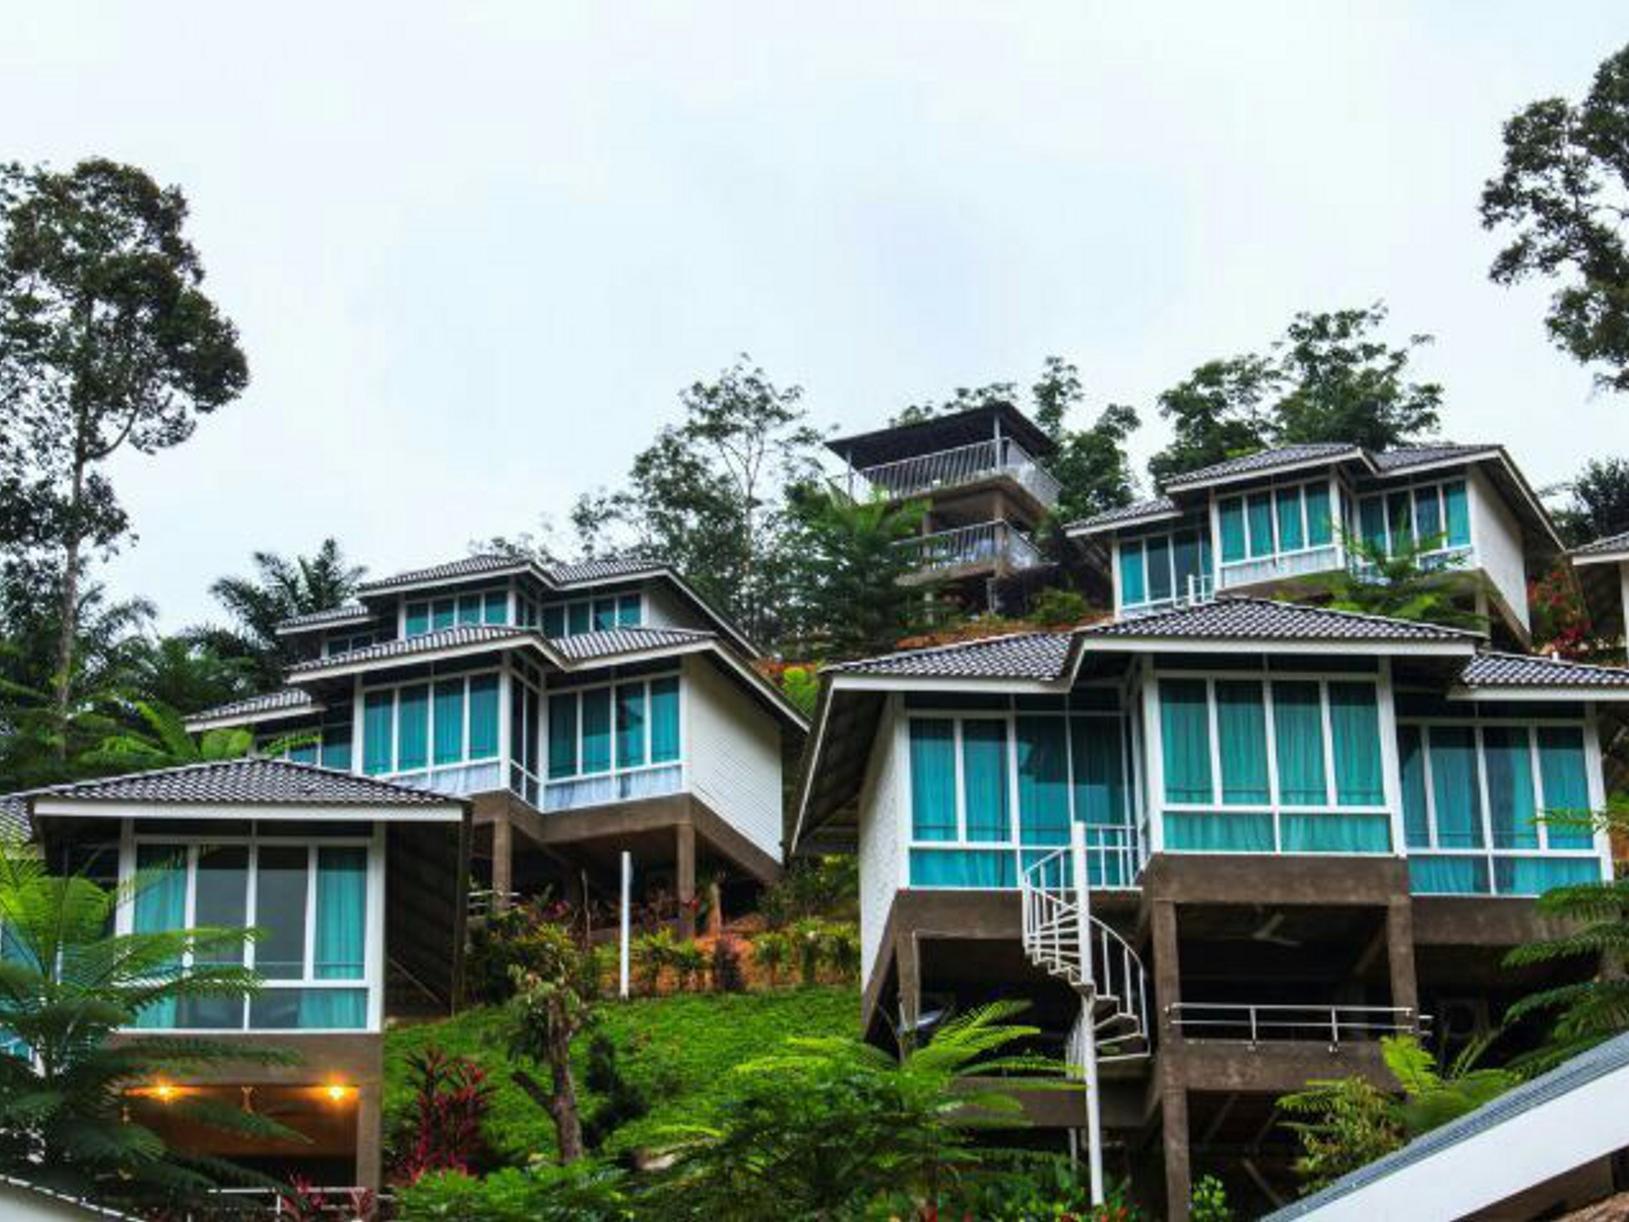 Laman Pesona Resort And Spa